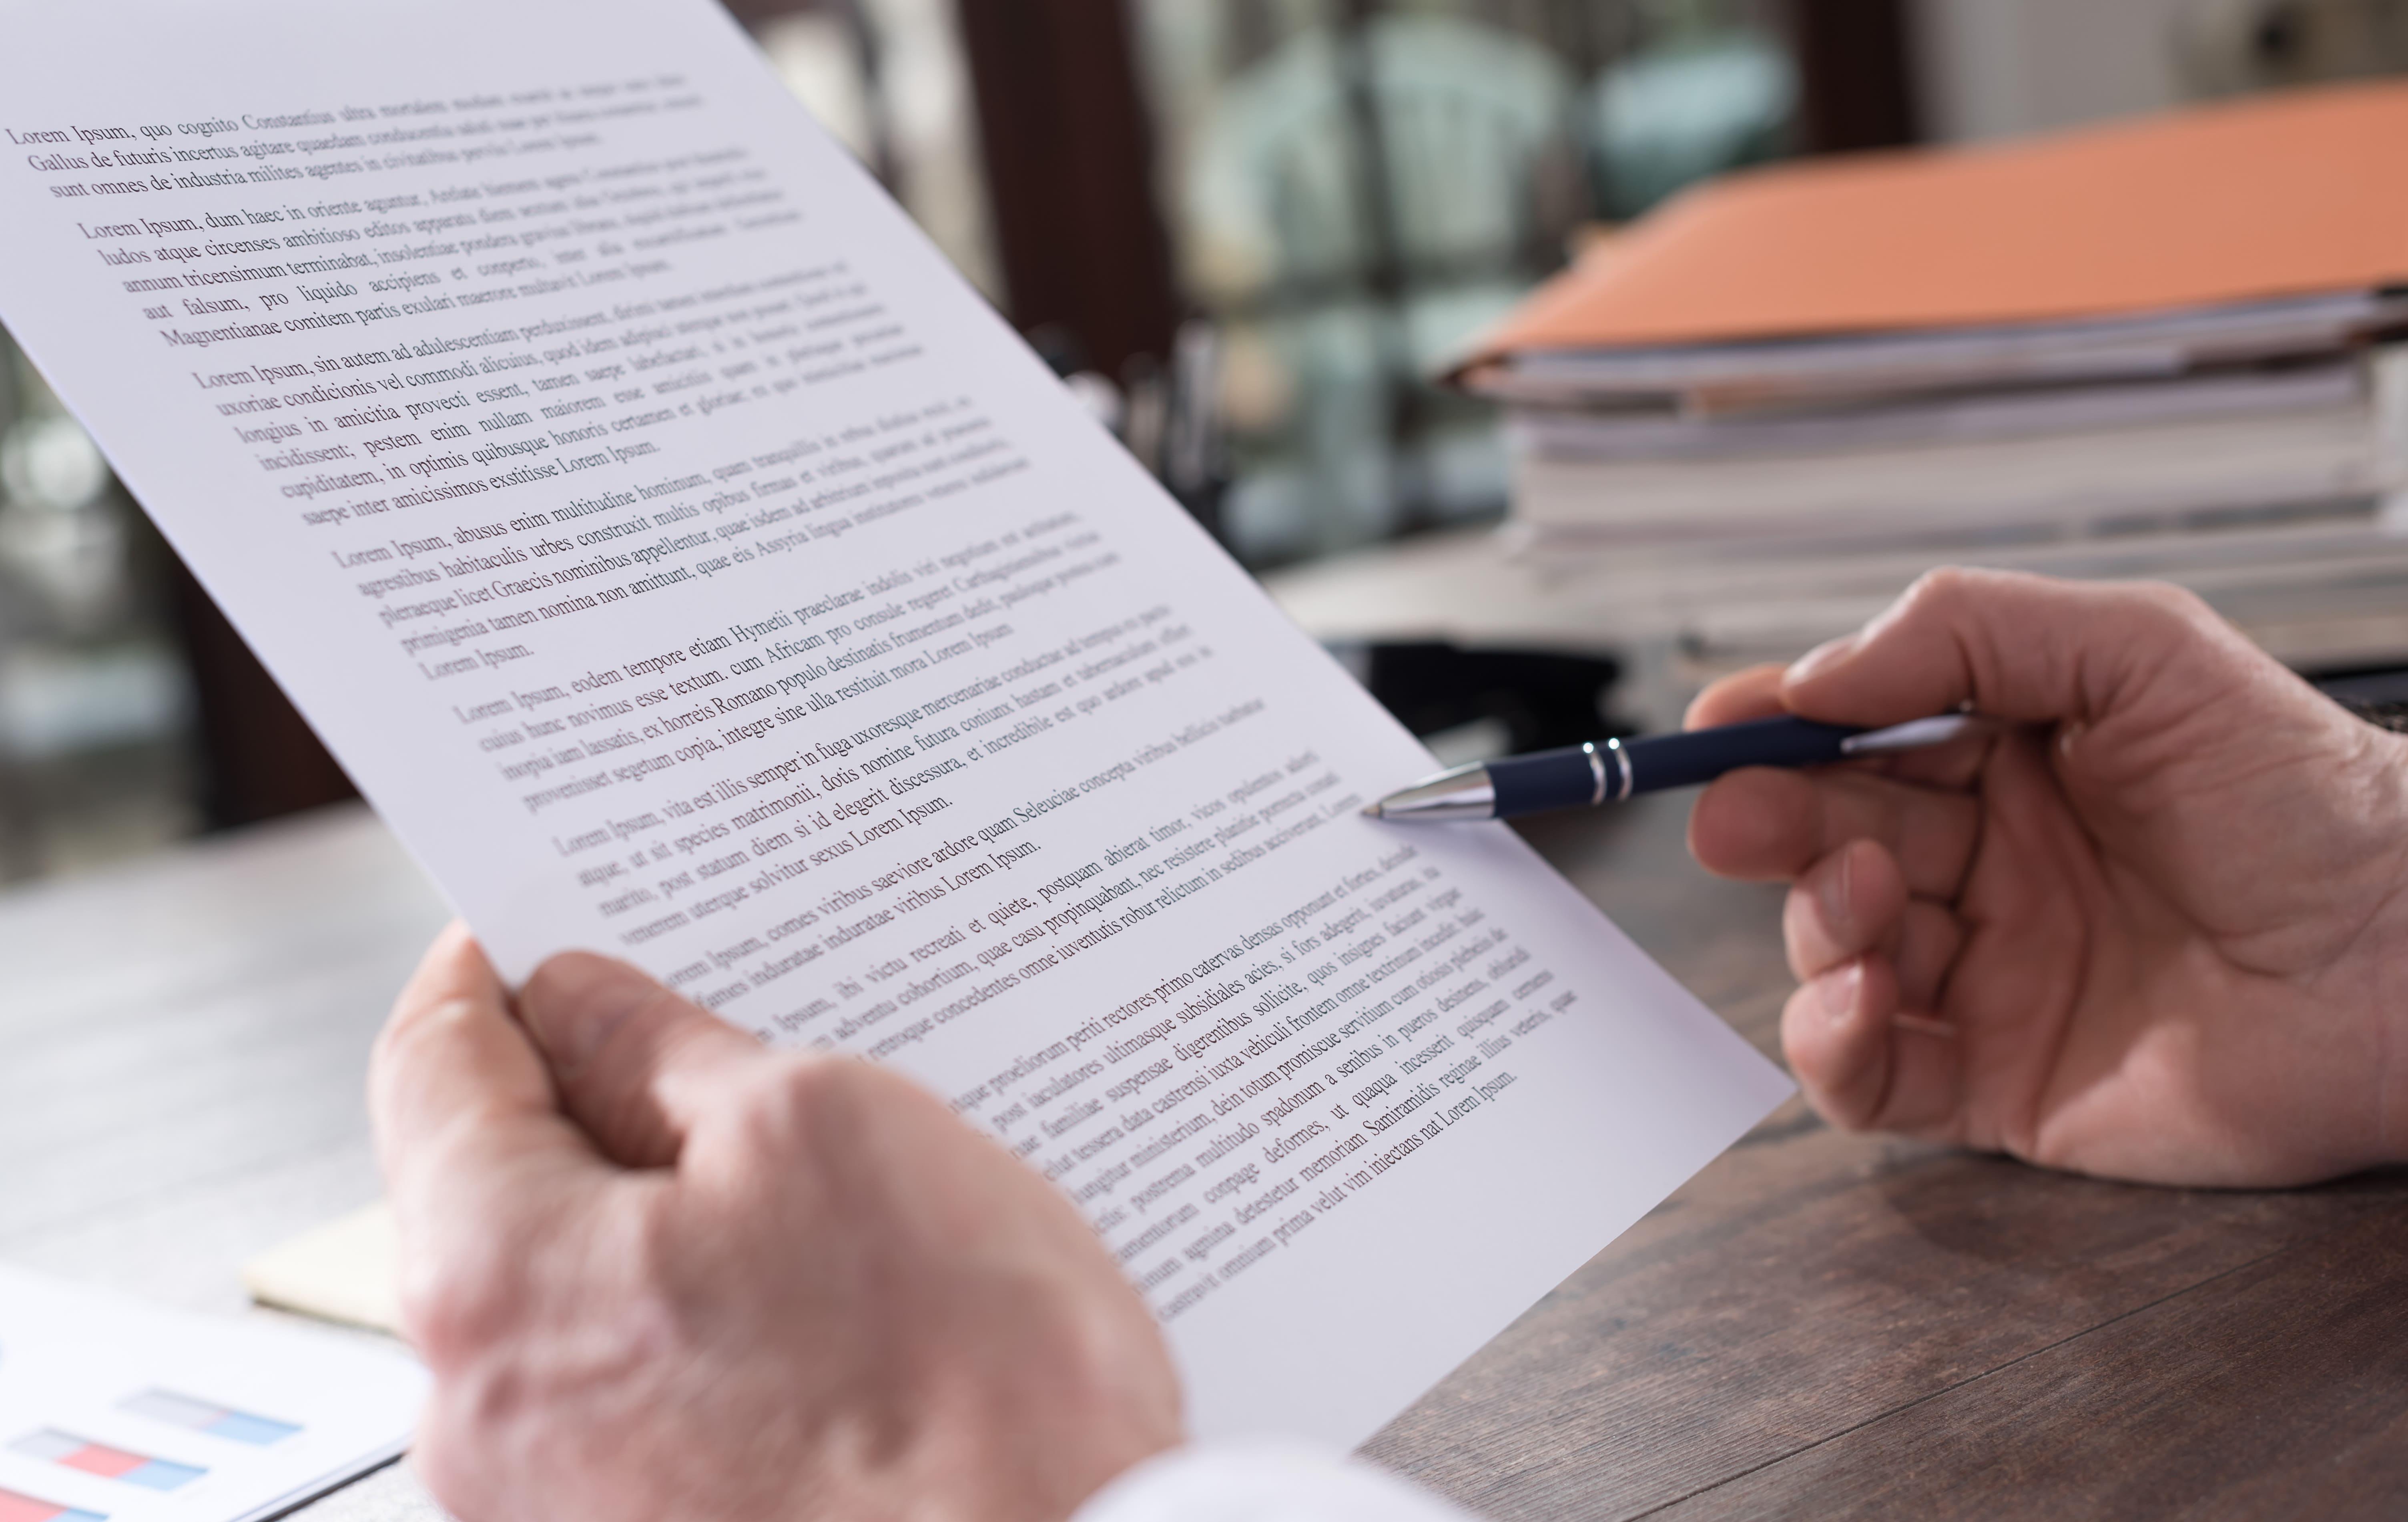 Imagem de uma folha com um texto para remeter quem deseja saber como montar um serviço de revisão de textos